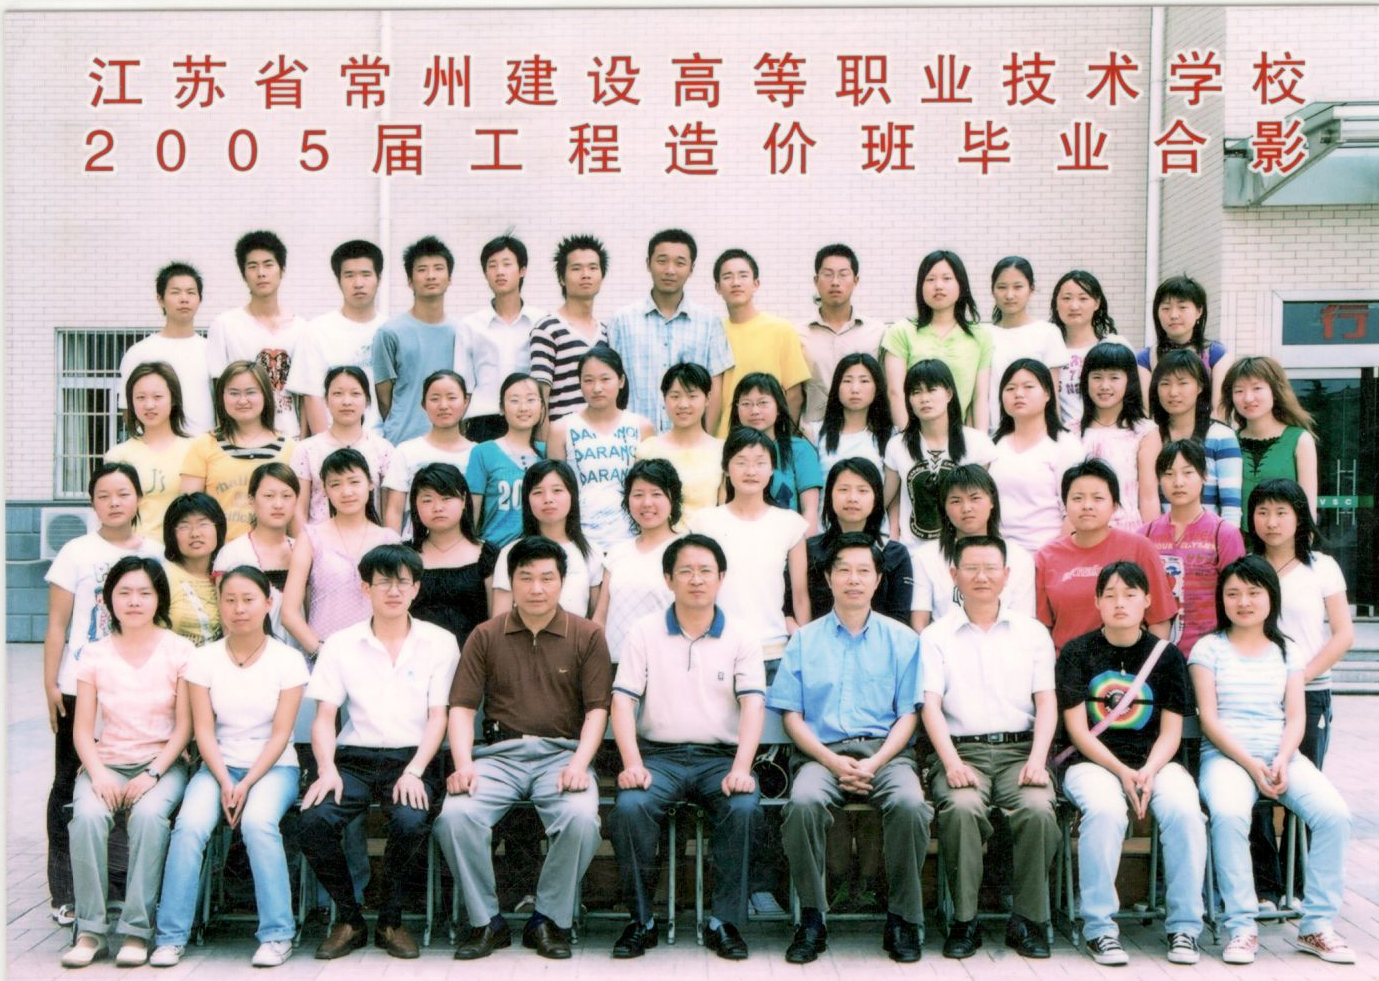 2005届工程造价班毕业合影